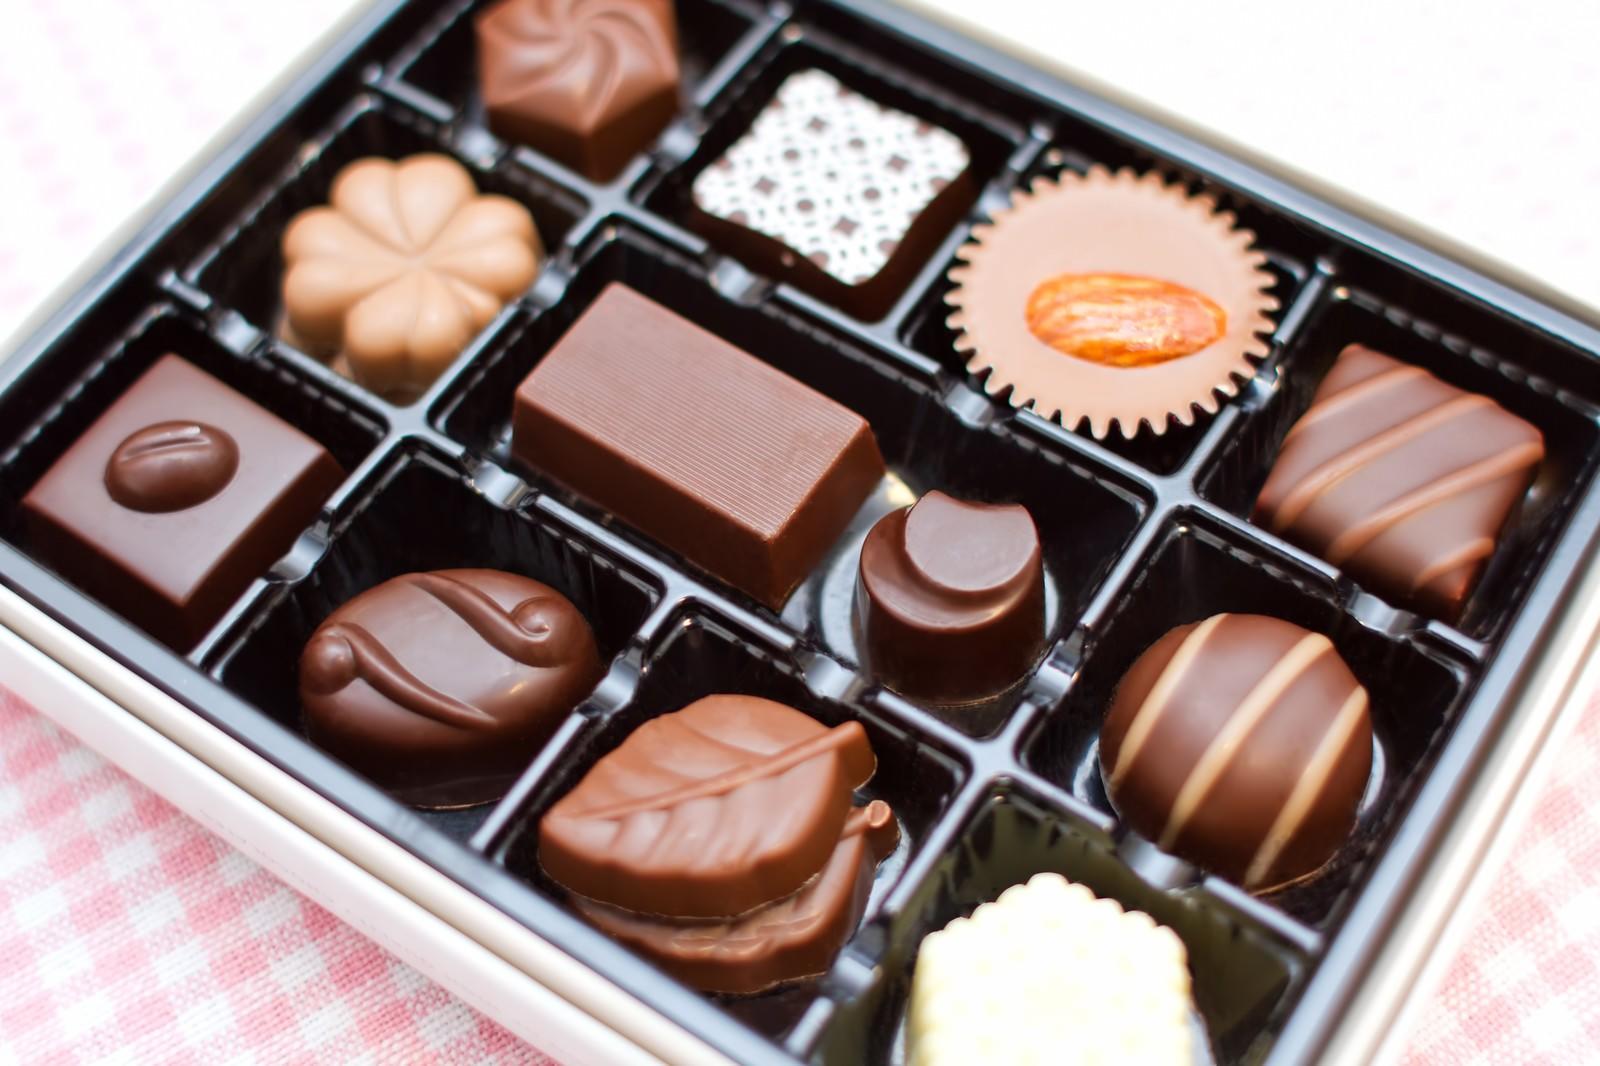 「チョコレート 画像 フリー」の画像検索結果